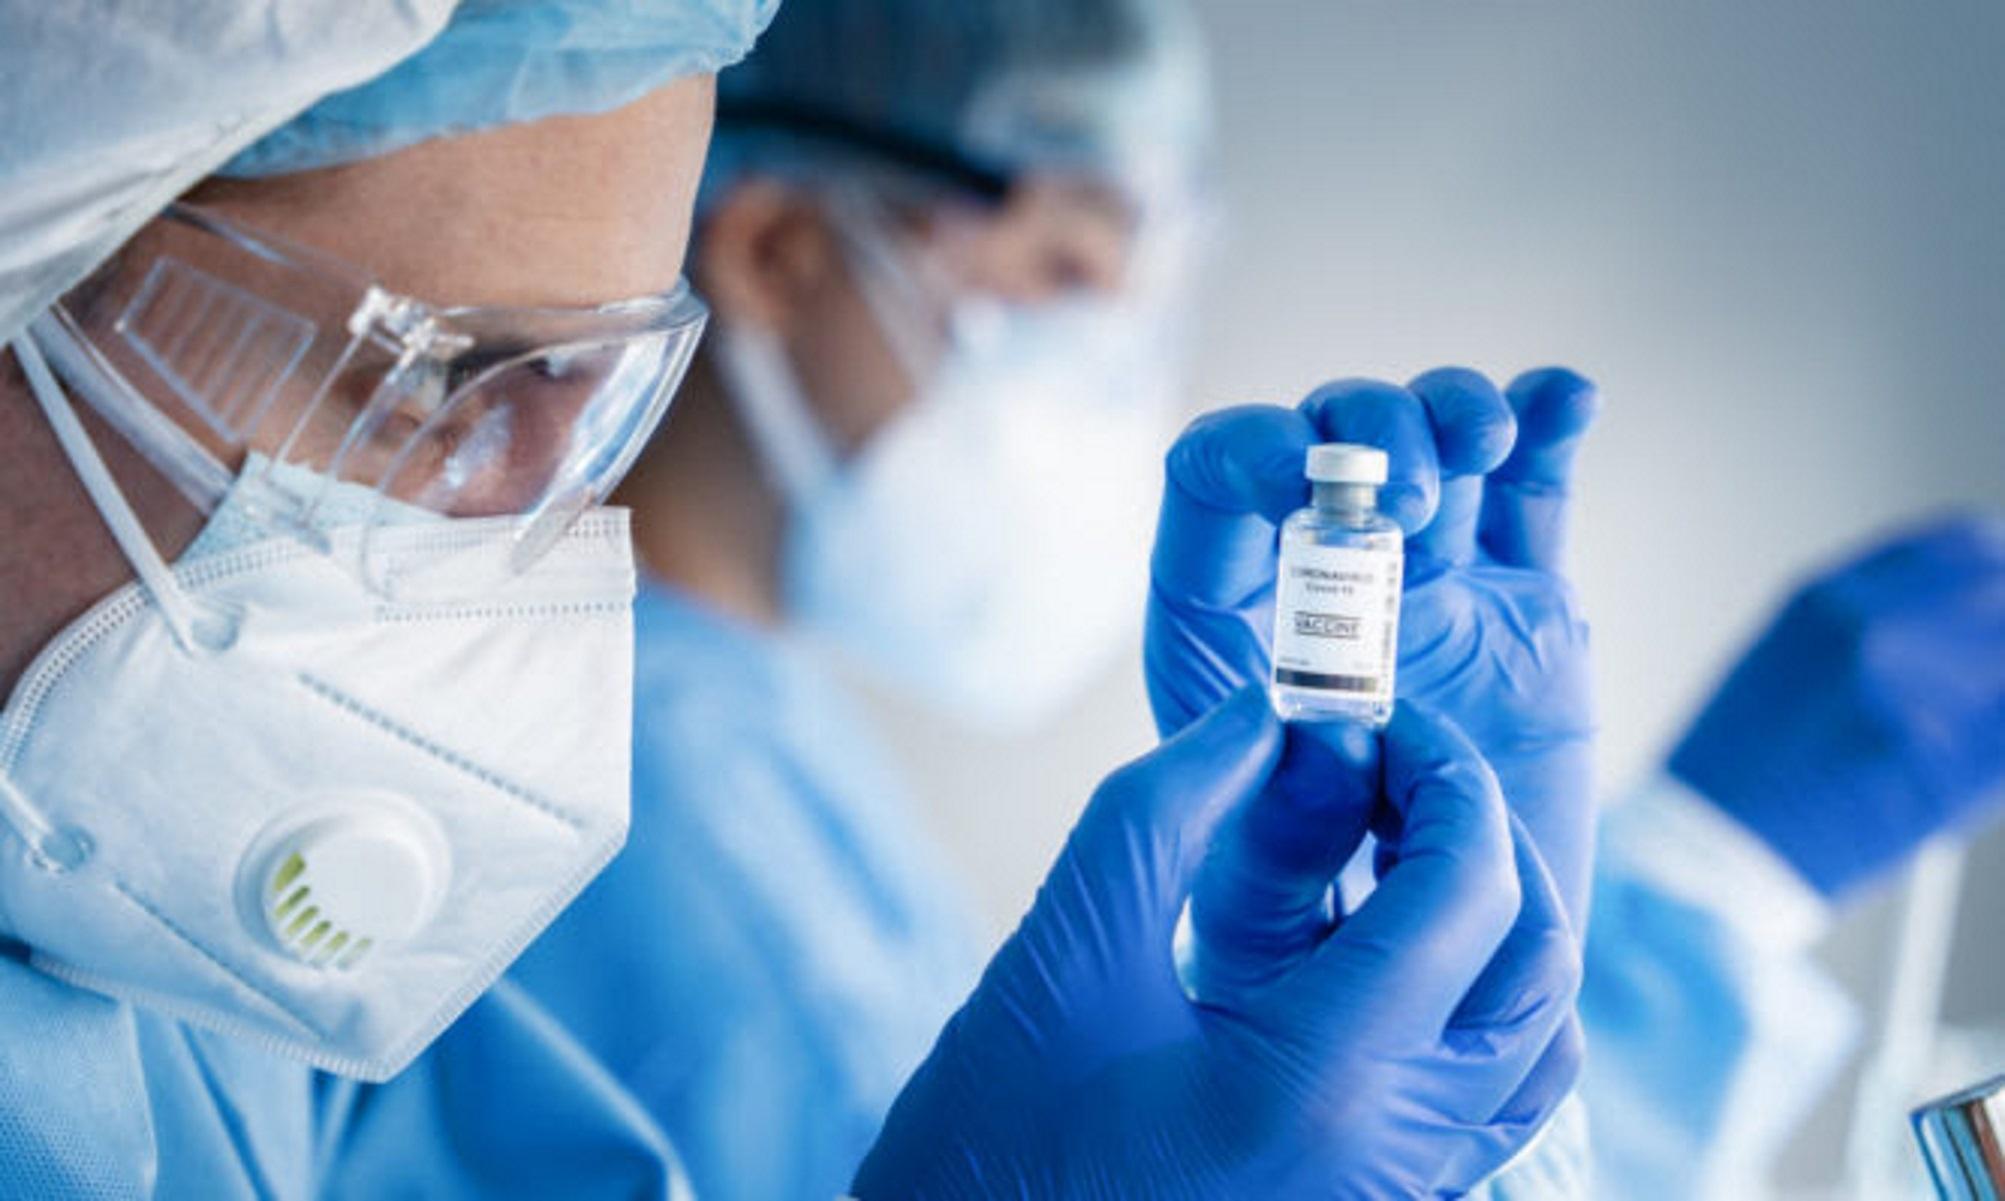 Πανελλήνιος Ιατρικός Σύλλογος: «Άμεσα να ξεκινήσει η τρίτη δόση εμβολίου στους υγειονομικούς»